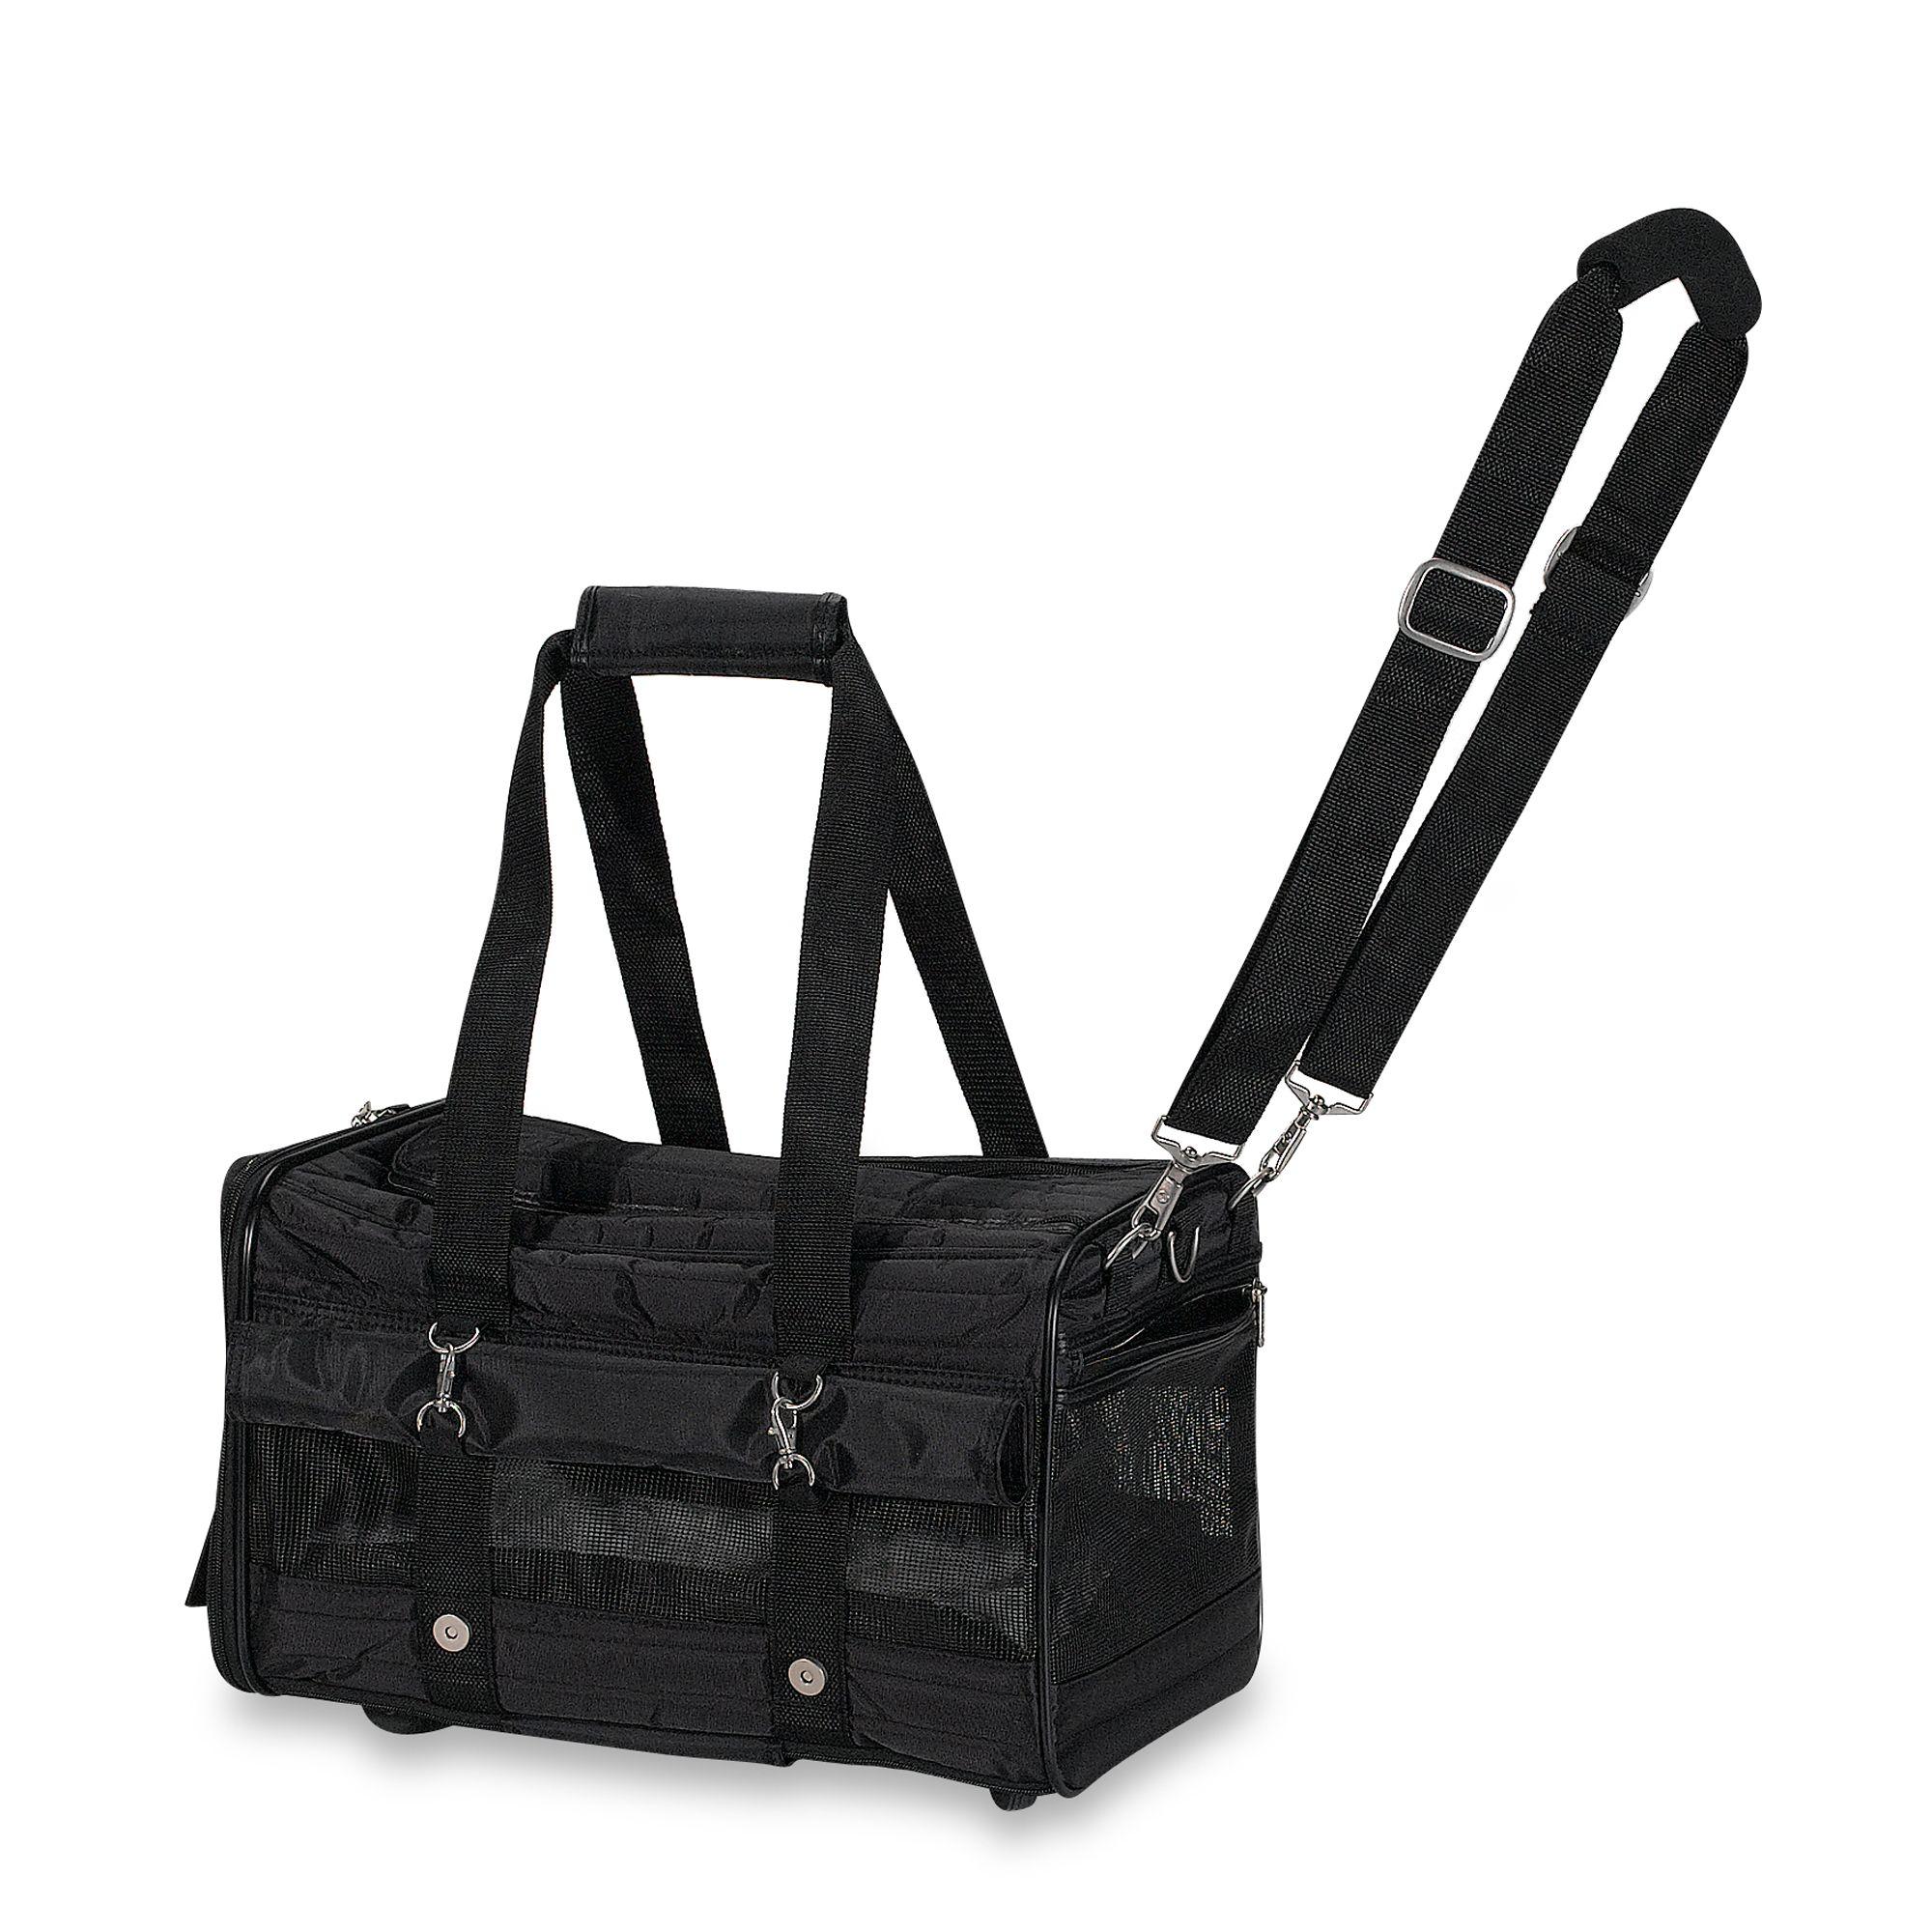 Shoulder Bag Pet Carrier With Fur Trim 8